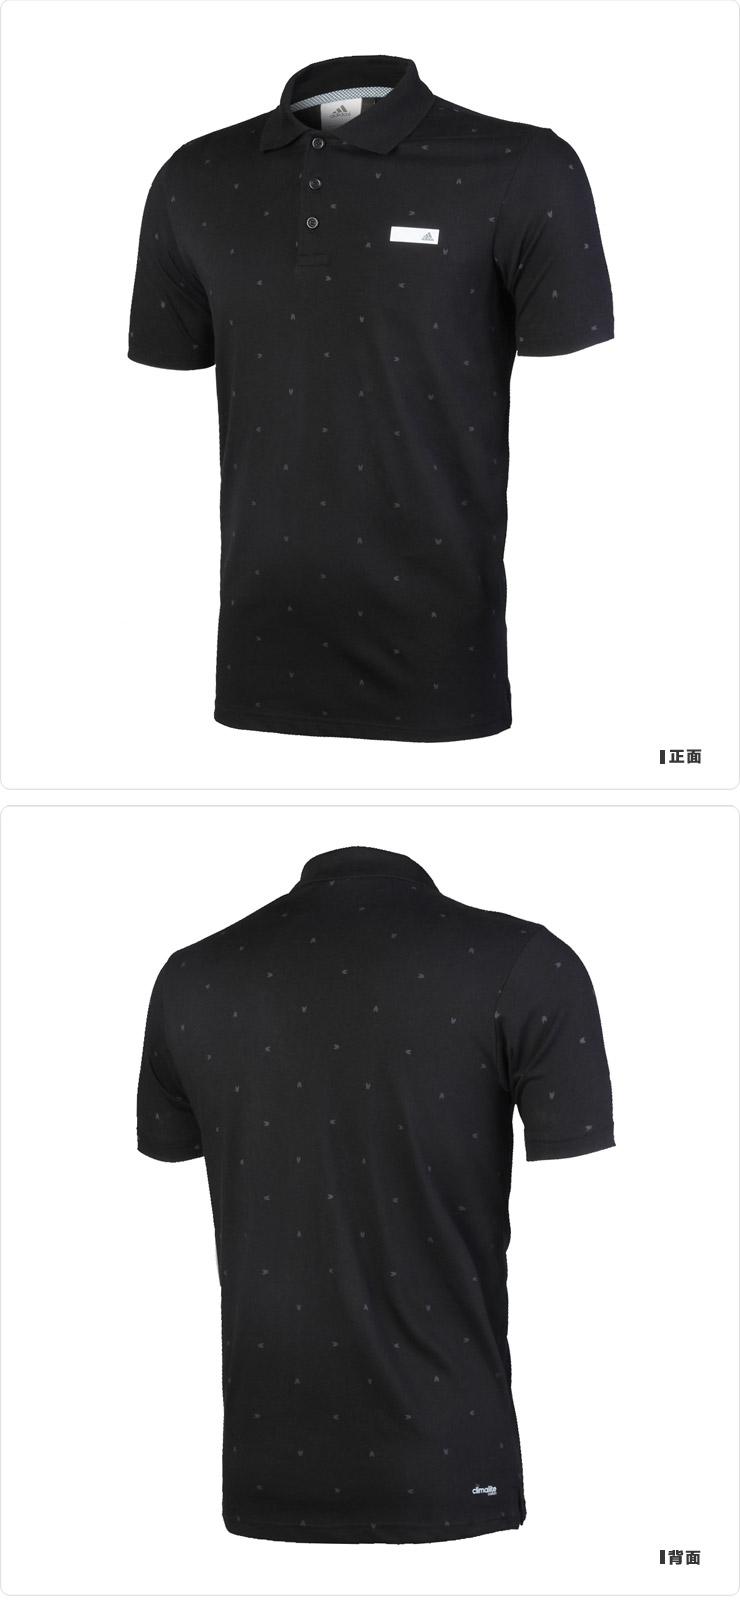 耐克nike 2013新款 专柜正品 短袖t恤男装运动服53